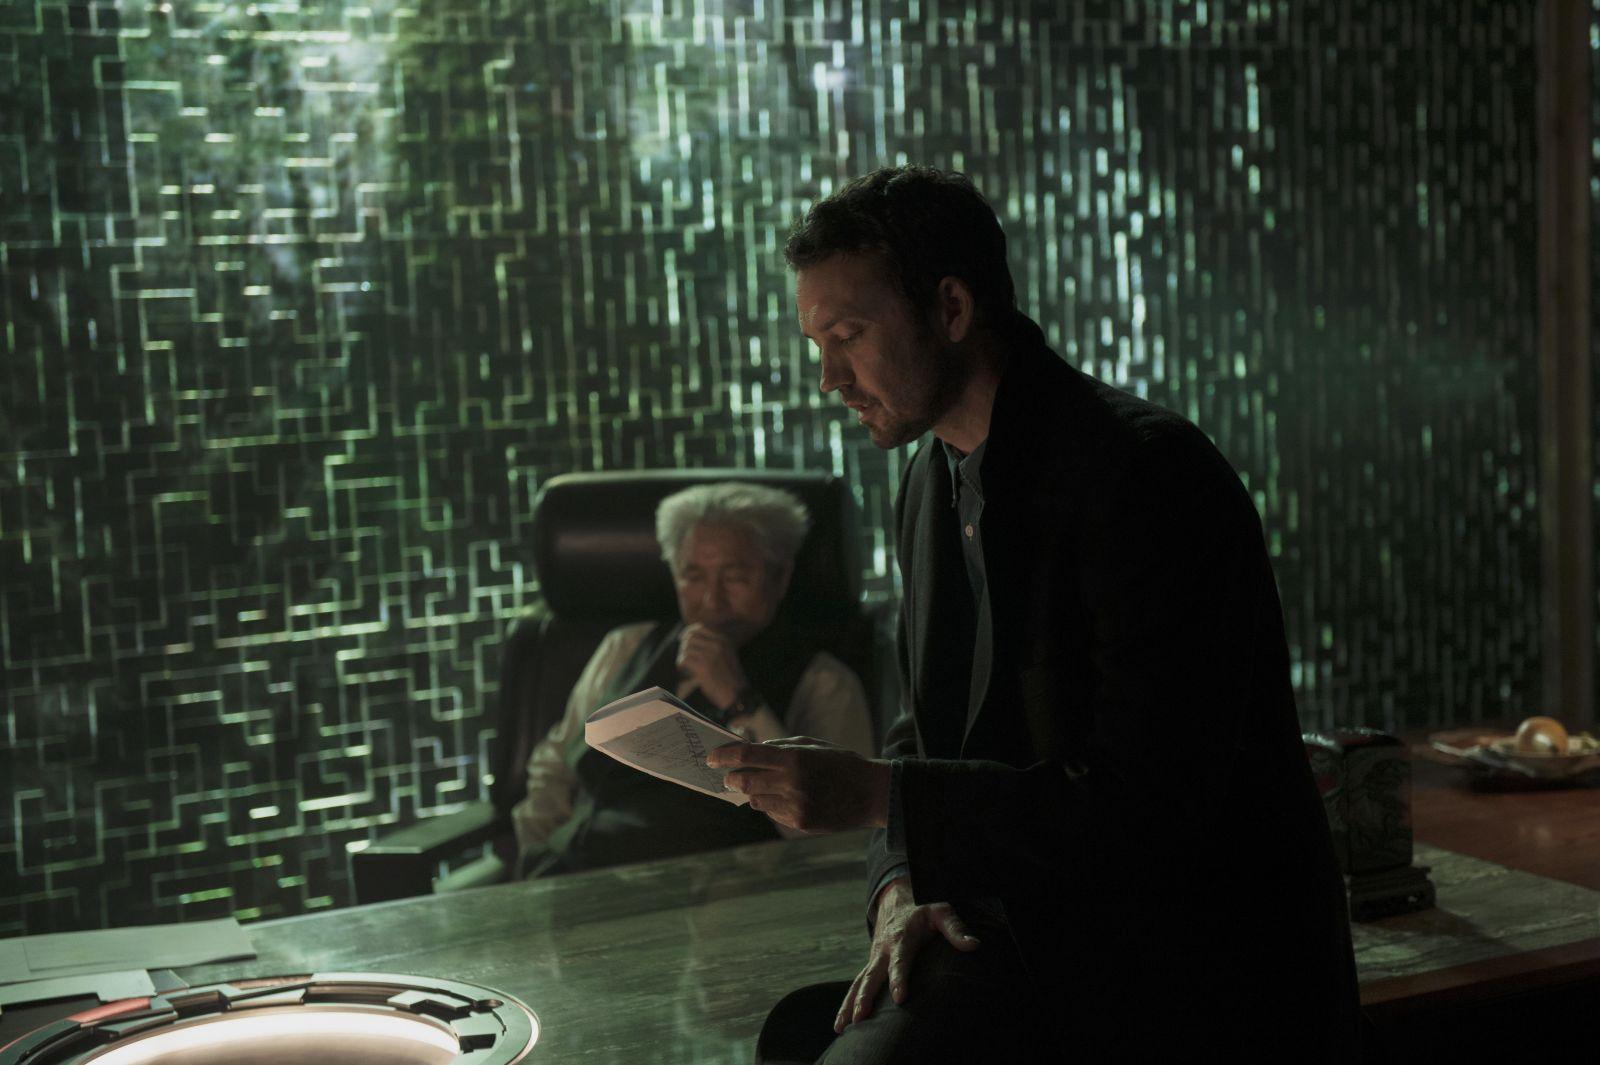 """Такеши Китано и Руперт Сандерс на съемочной площадке фильма """"Призрак в доспехах"""""""